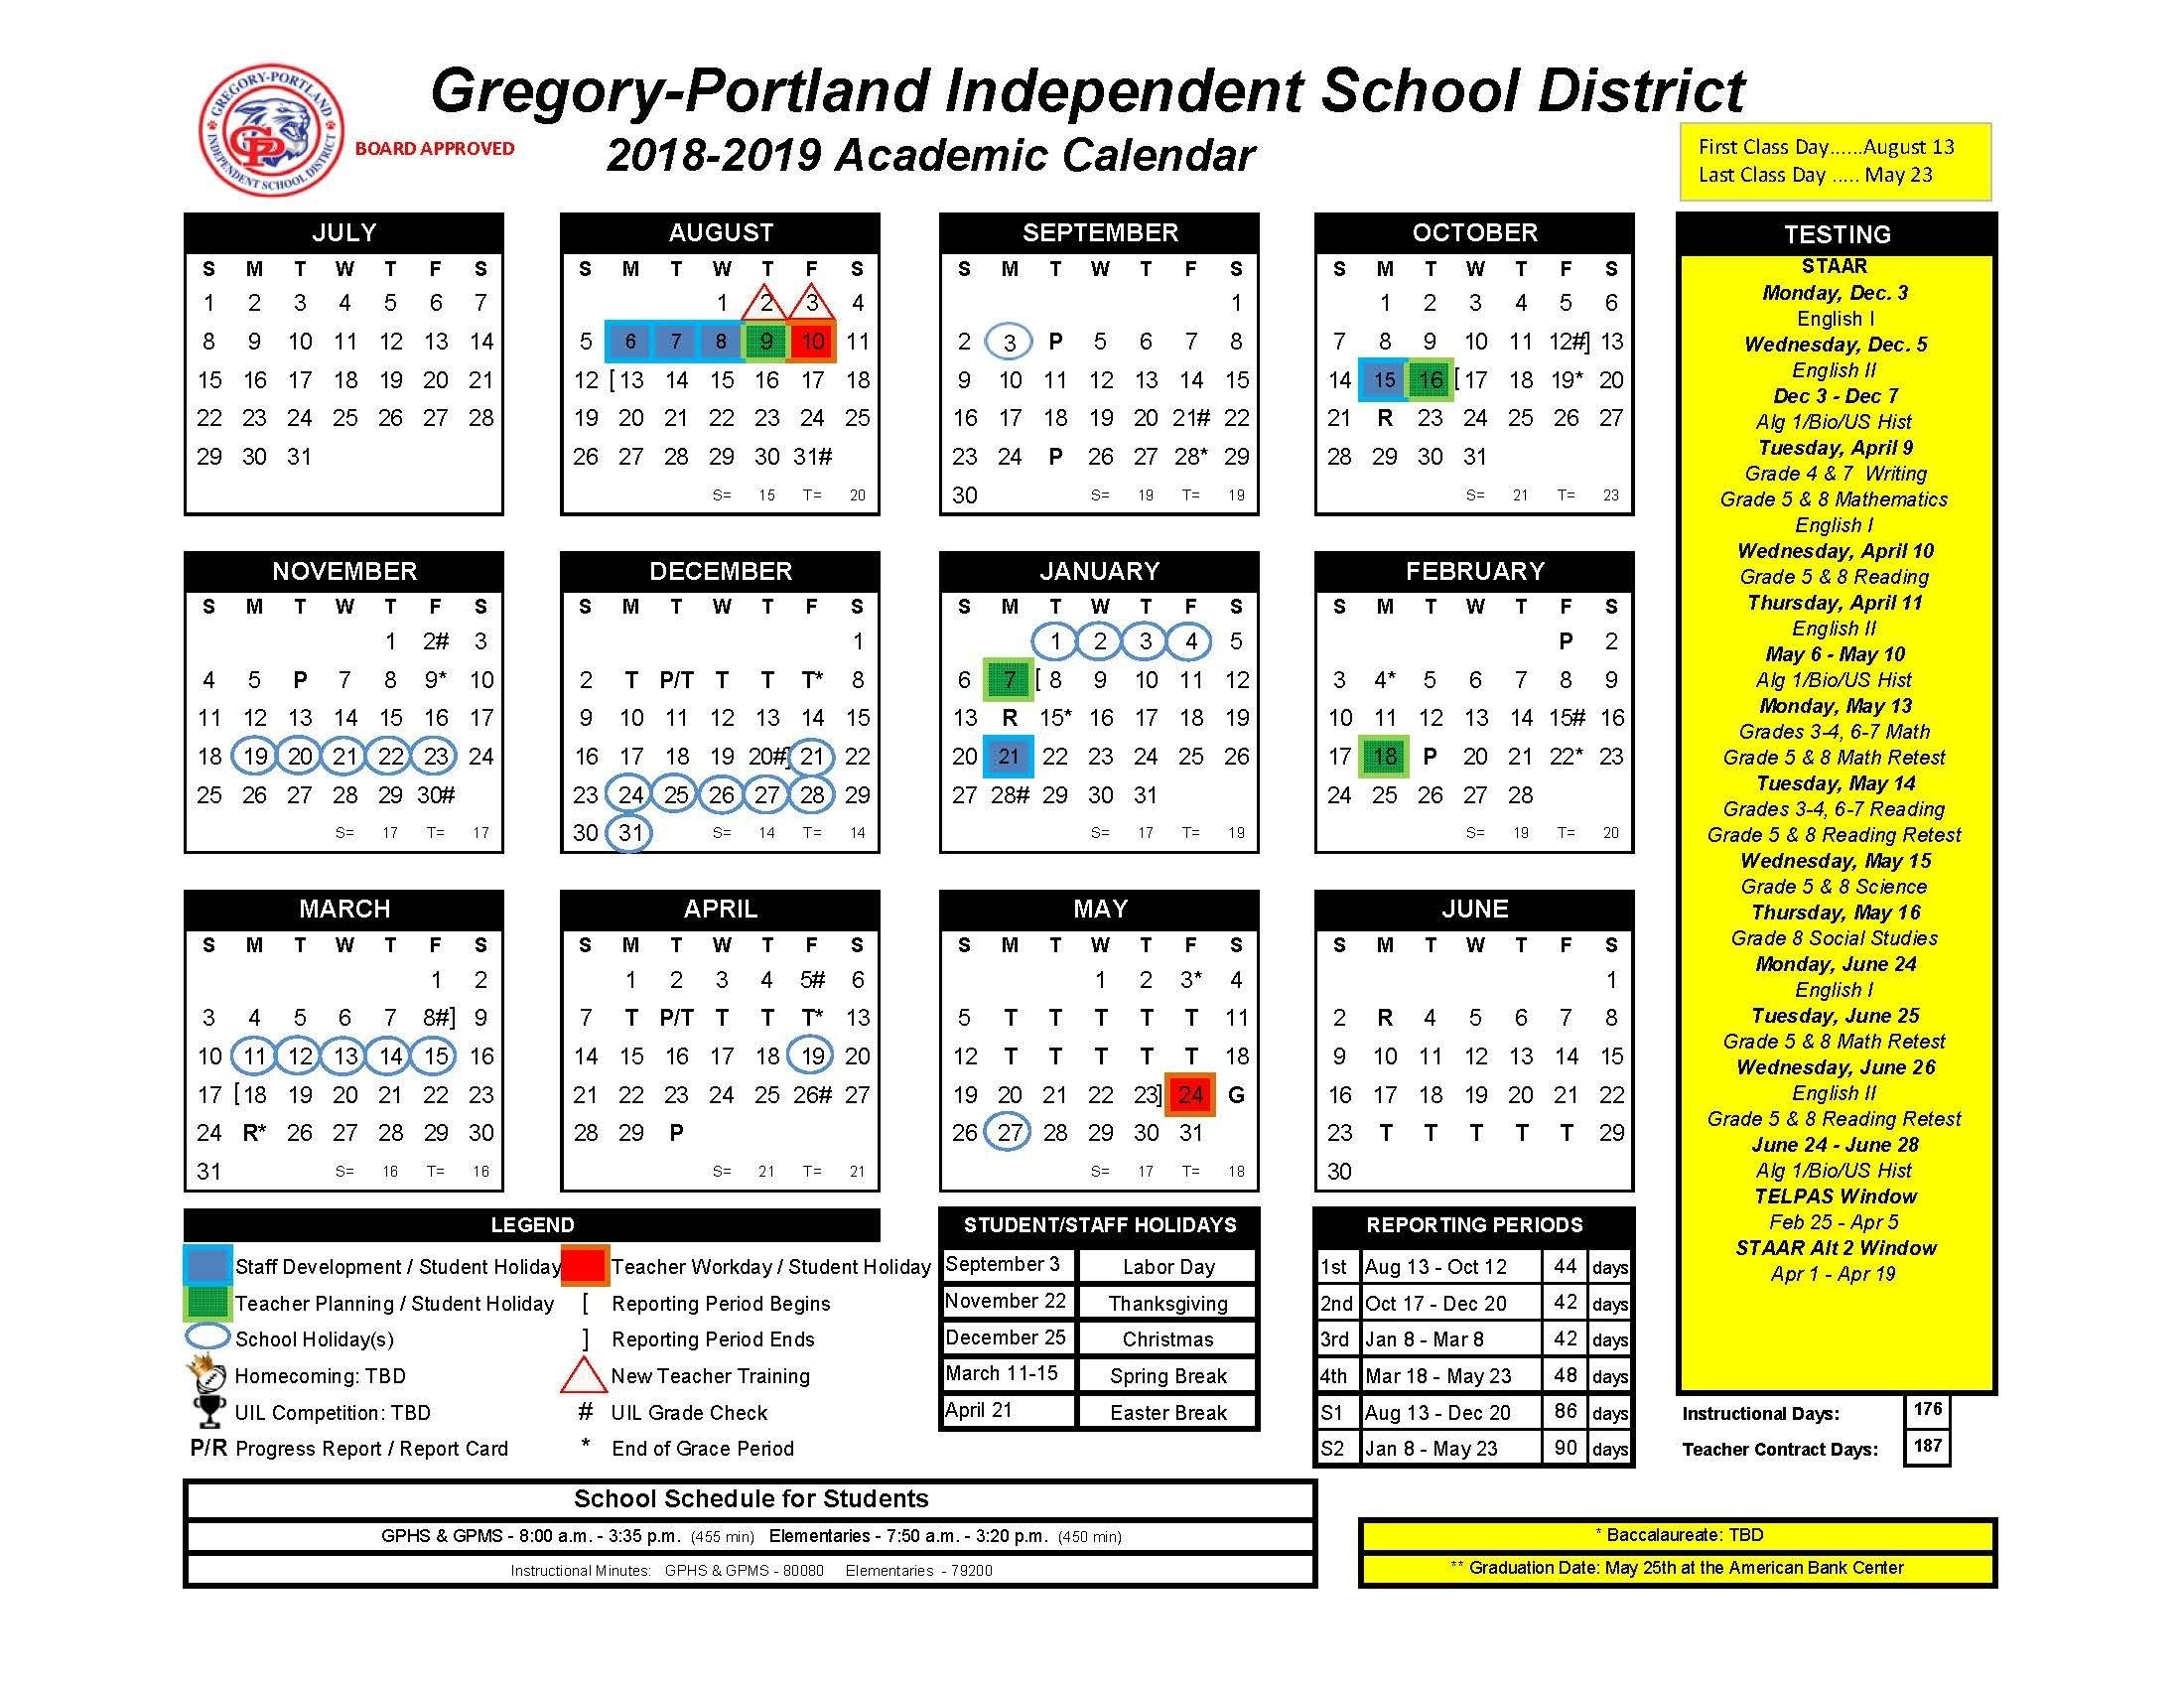 District Calendar, 2018-19 - Gregory-Portland Independent School School District 8 2019 Calendar